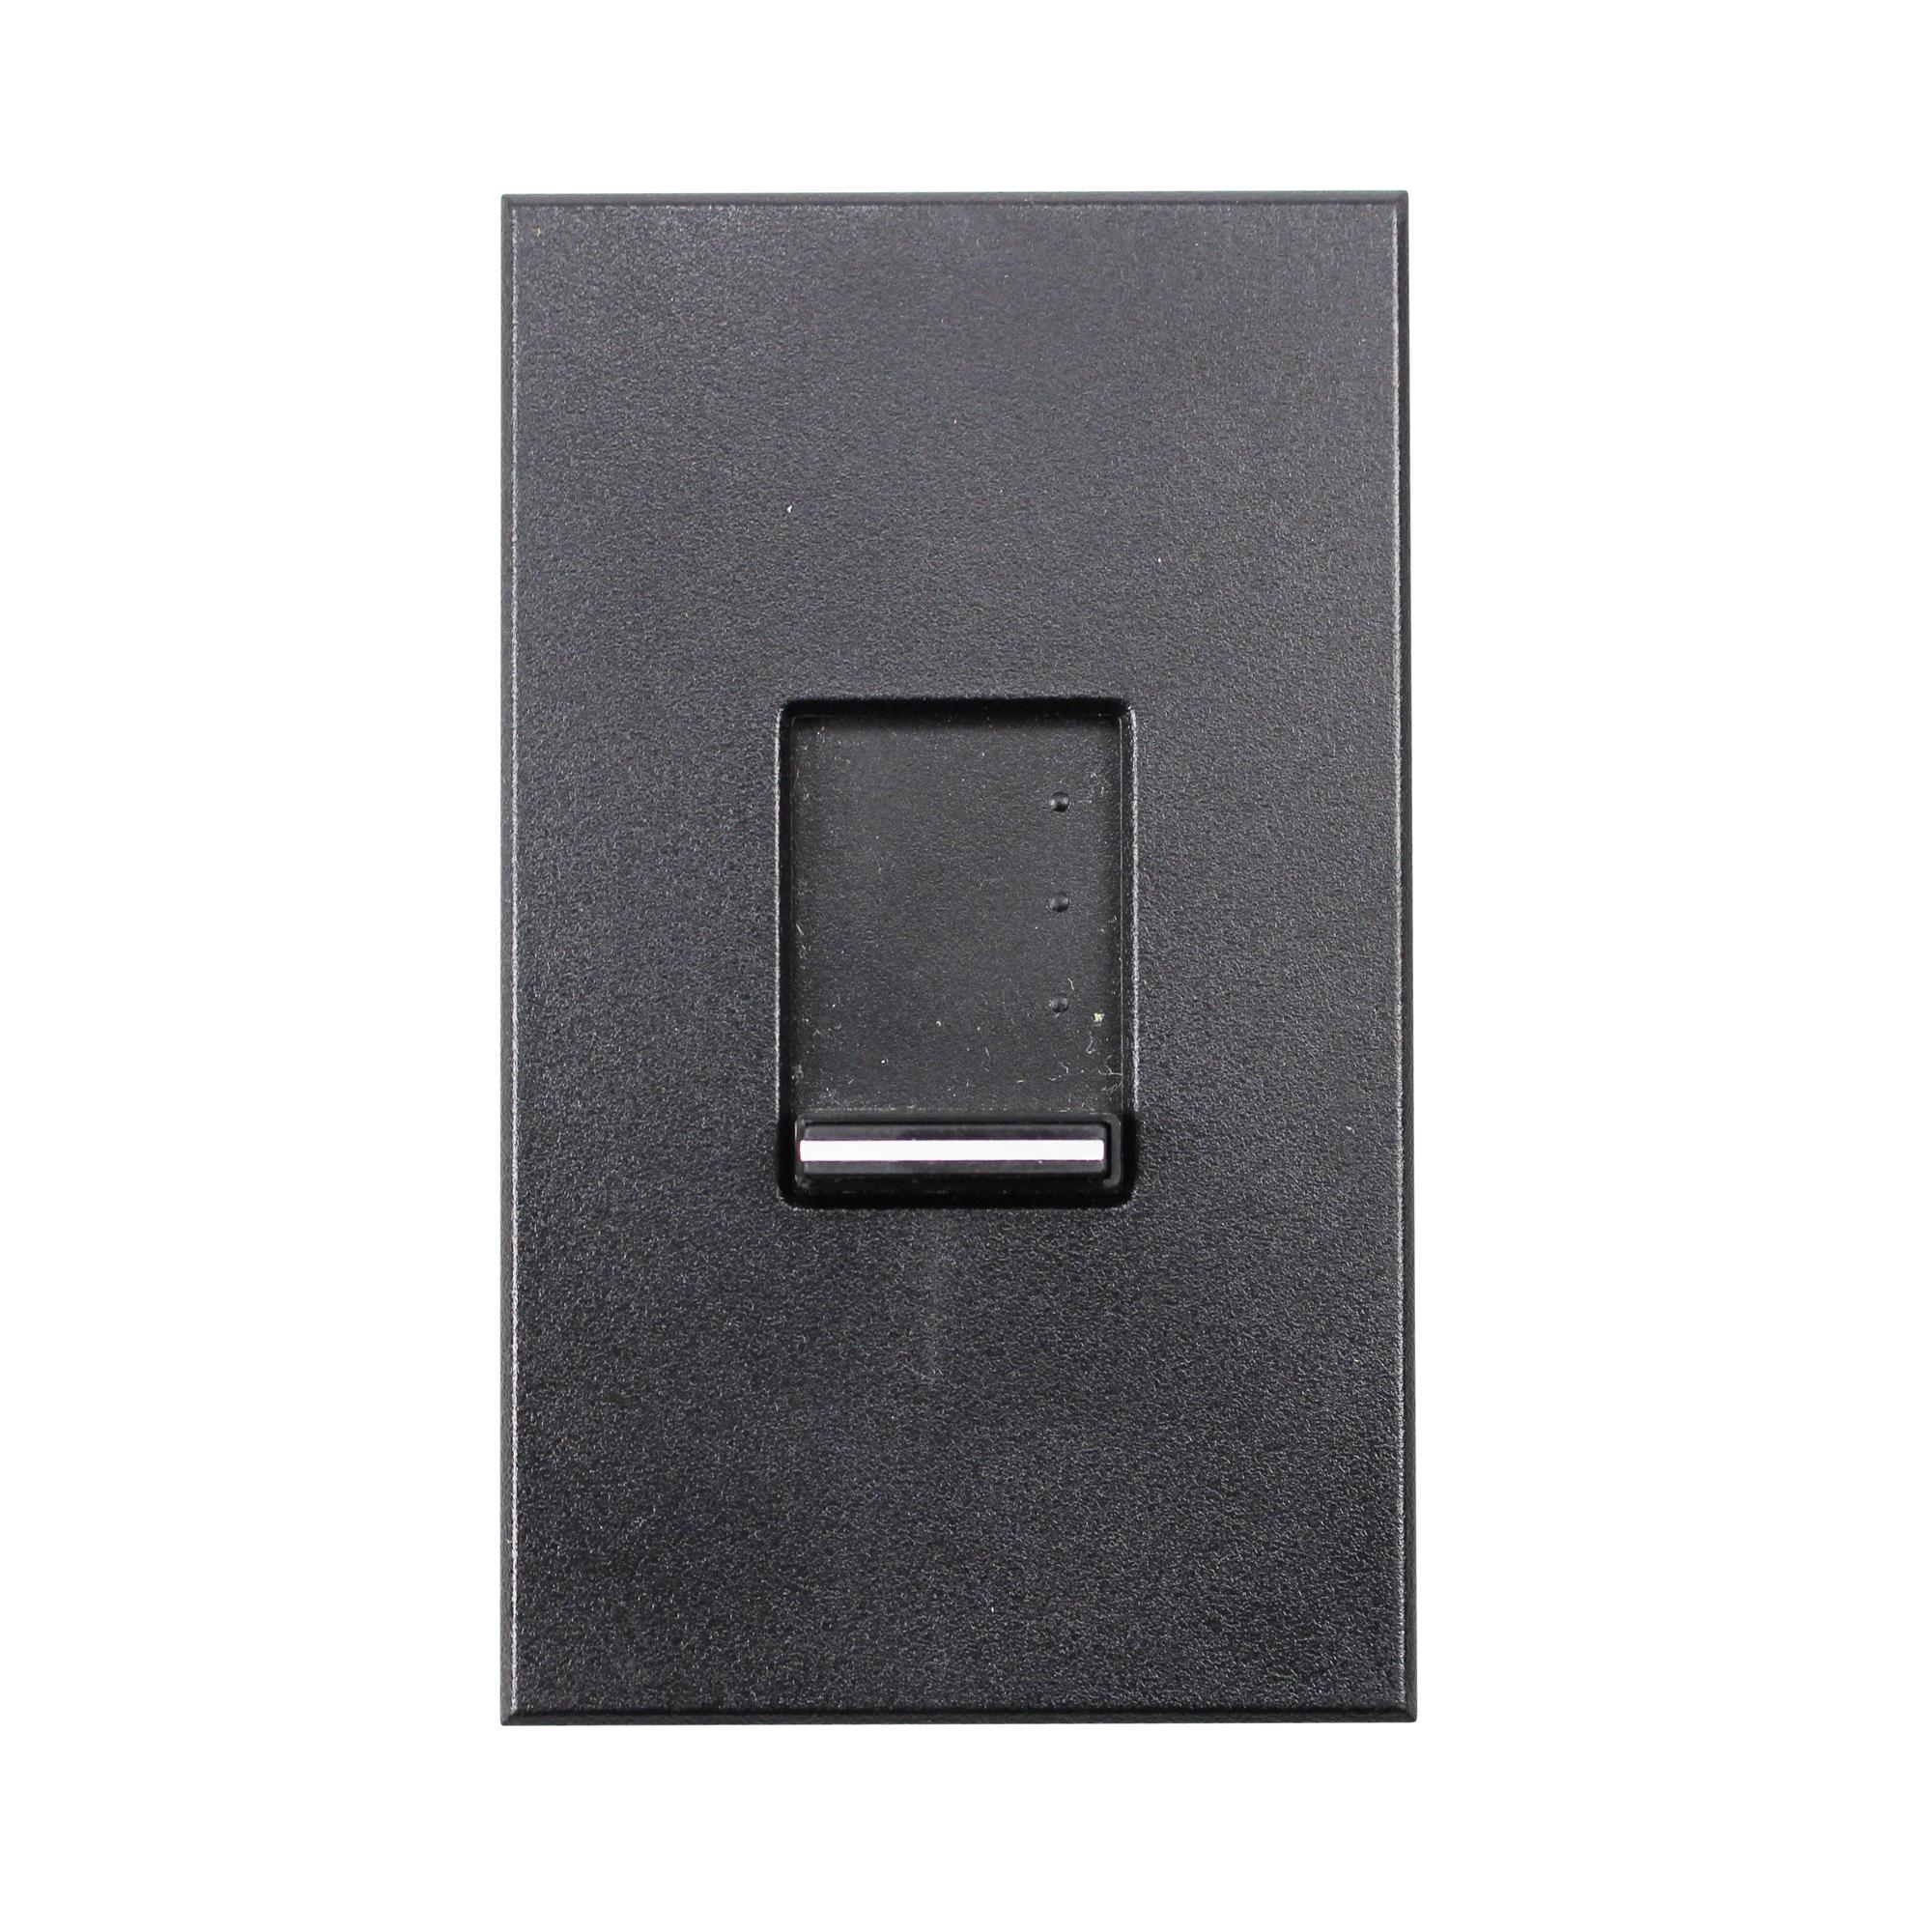 lutron nt s nfb bl nova t slide dimmer wall plate face plate black ebay. Black Bedroom Furniture Sets. Home Design Ideas